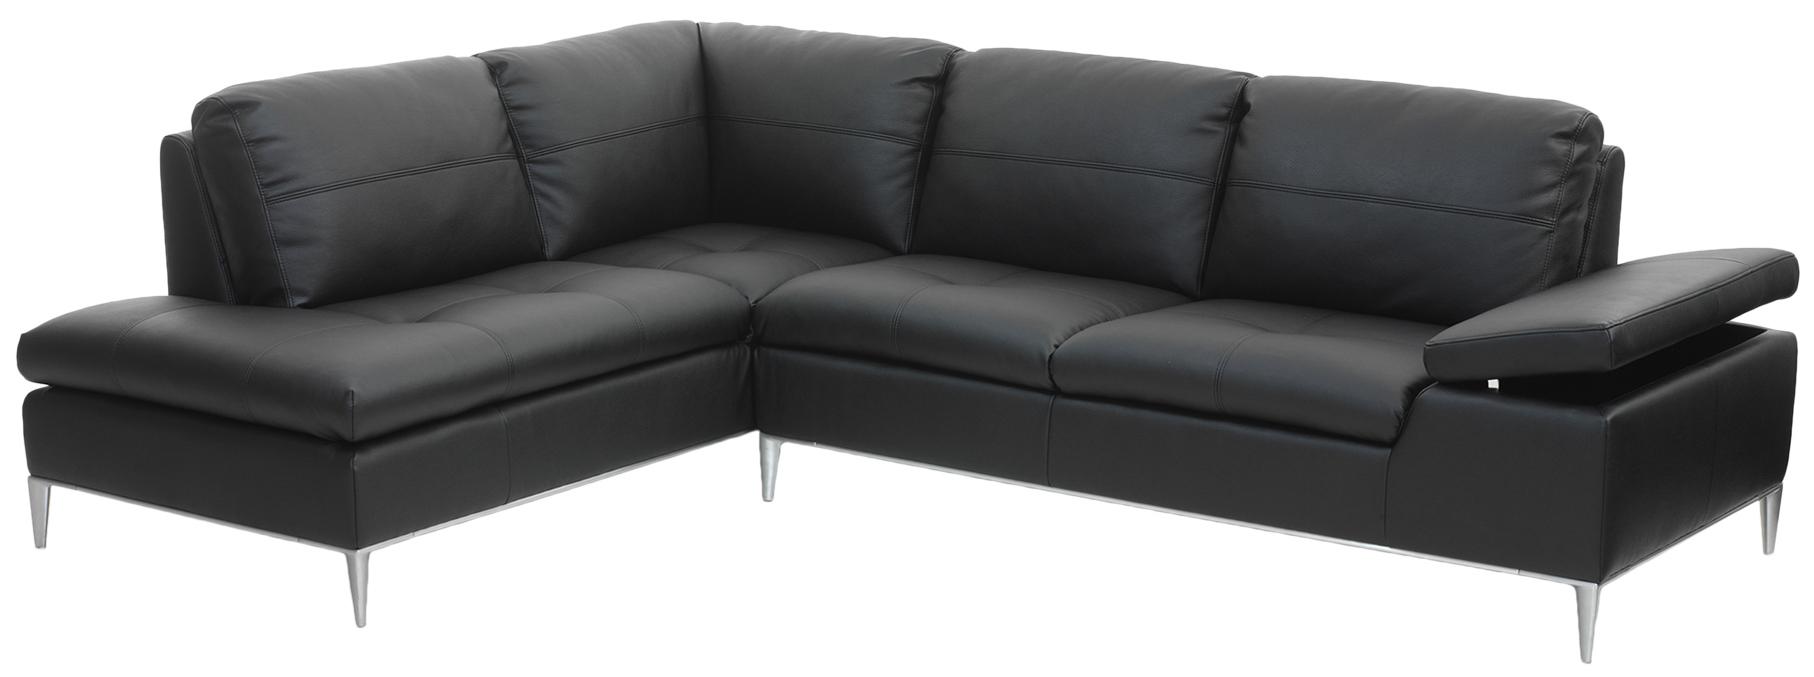 Af modish Chicago chaiselong sofa sort læder venstrevendt, køb din nye UA26